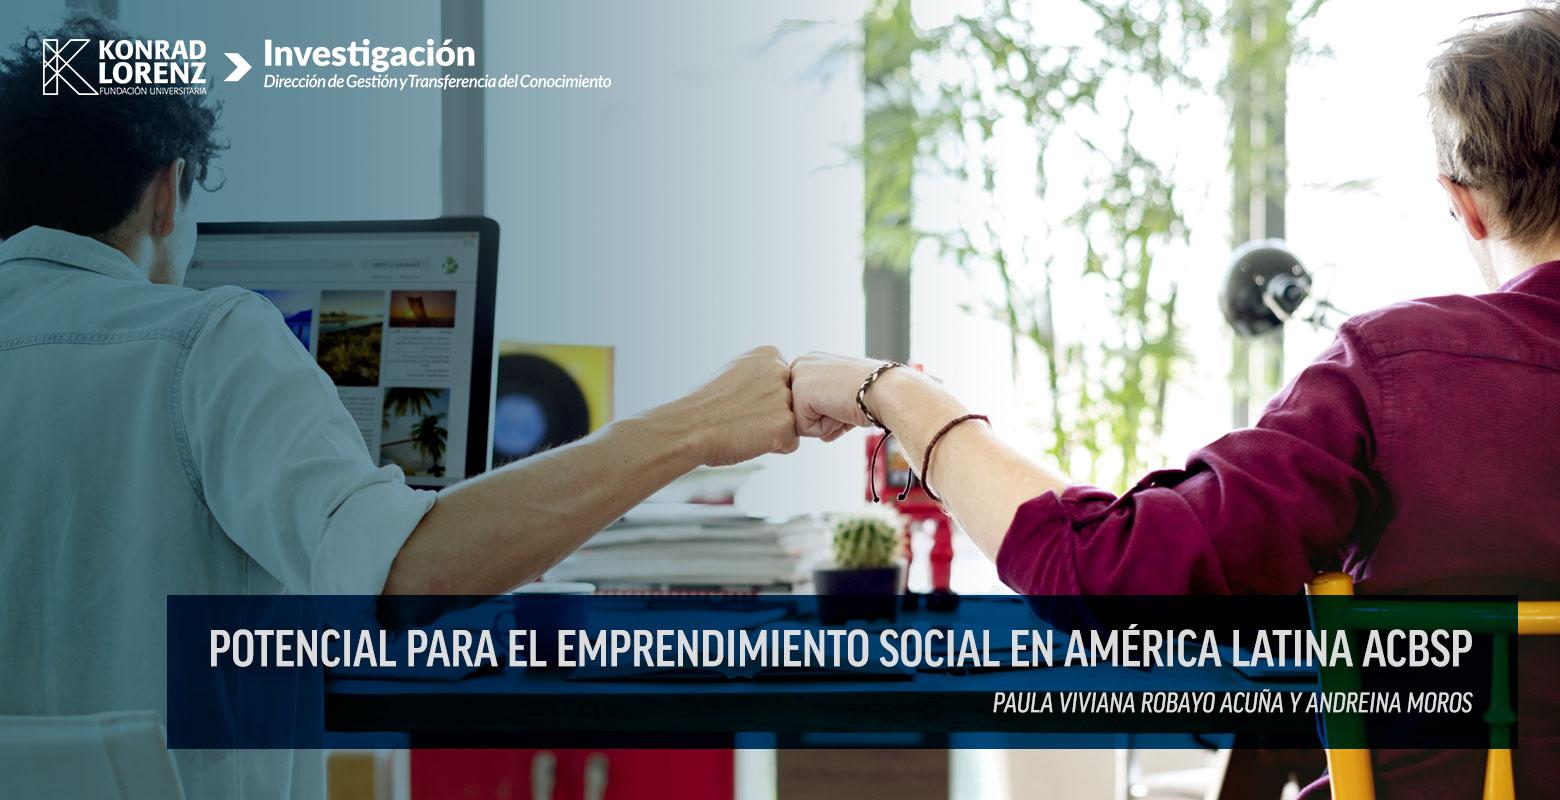 Potencial para el emprendimiento social en América Latina ACBSP